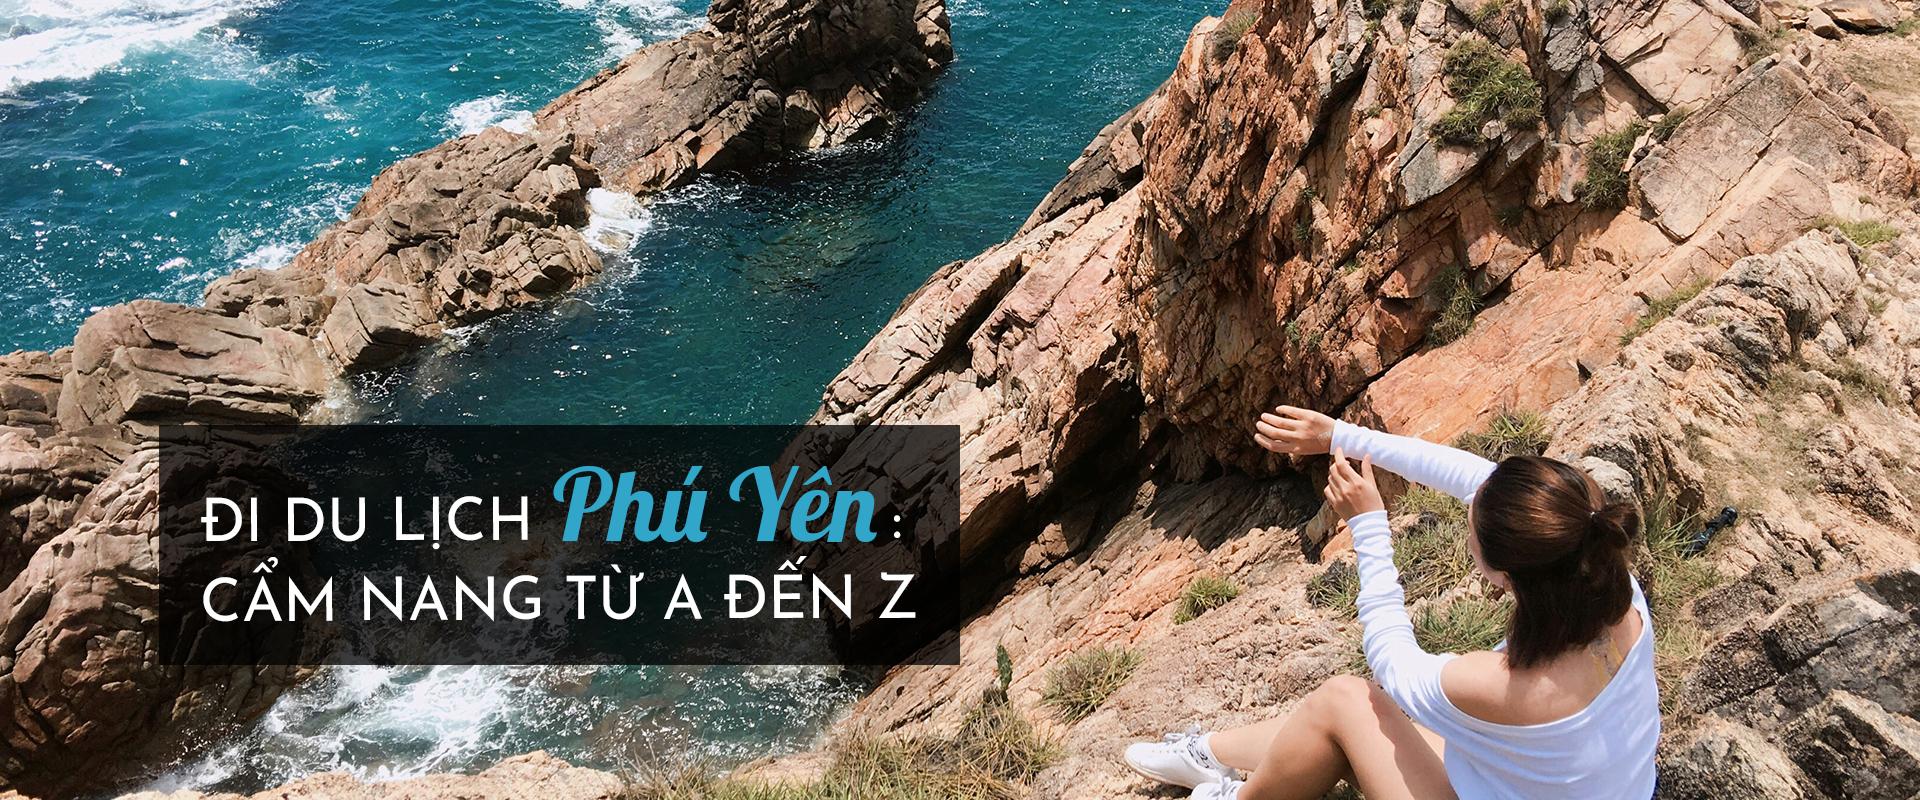 Kinh nghiệm đi du lịch Phú Yên: Cẩm nang từ A đến Z